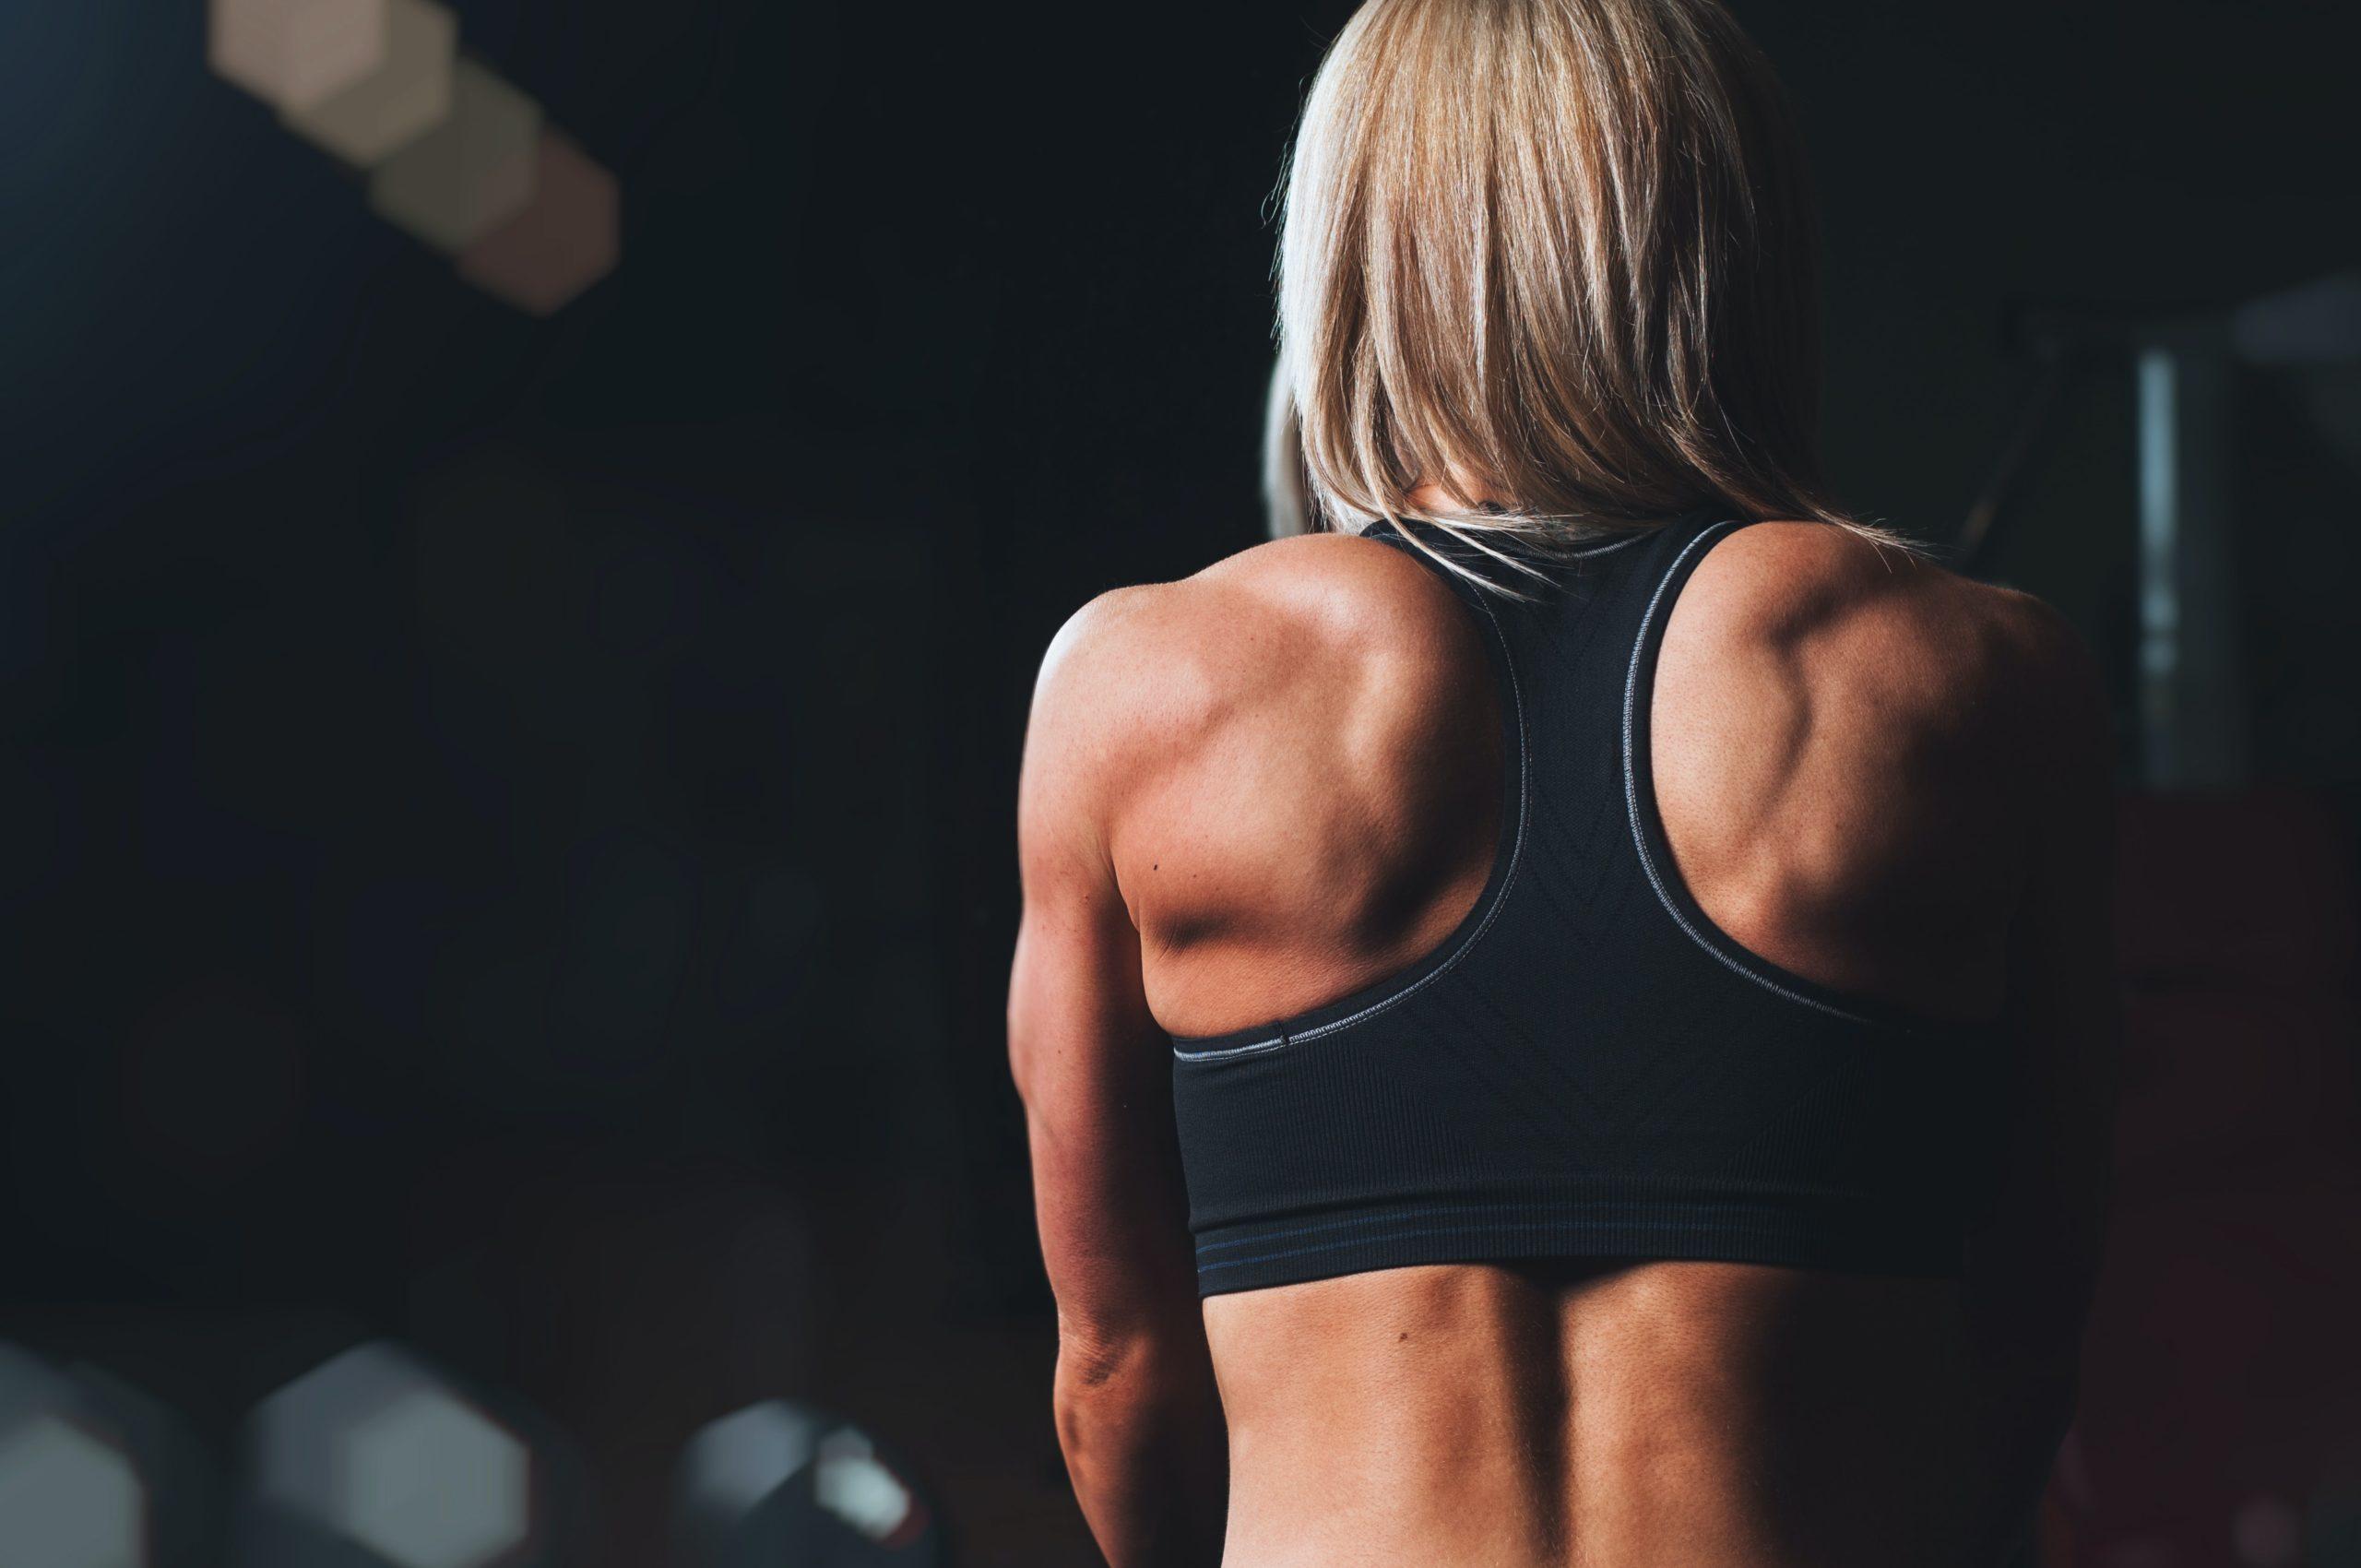 トレーニー必見】筋トレをしても筋肉がつかない6つの原因と解決方法   パーソナルトレーニングジムのT-BALANCE【公式】